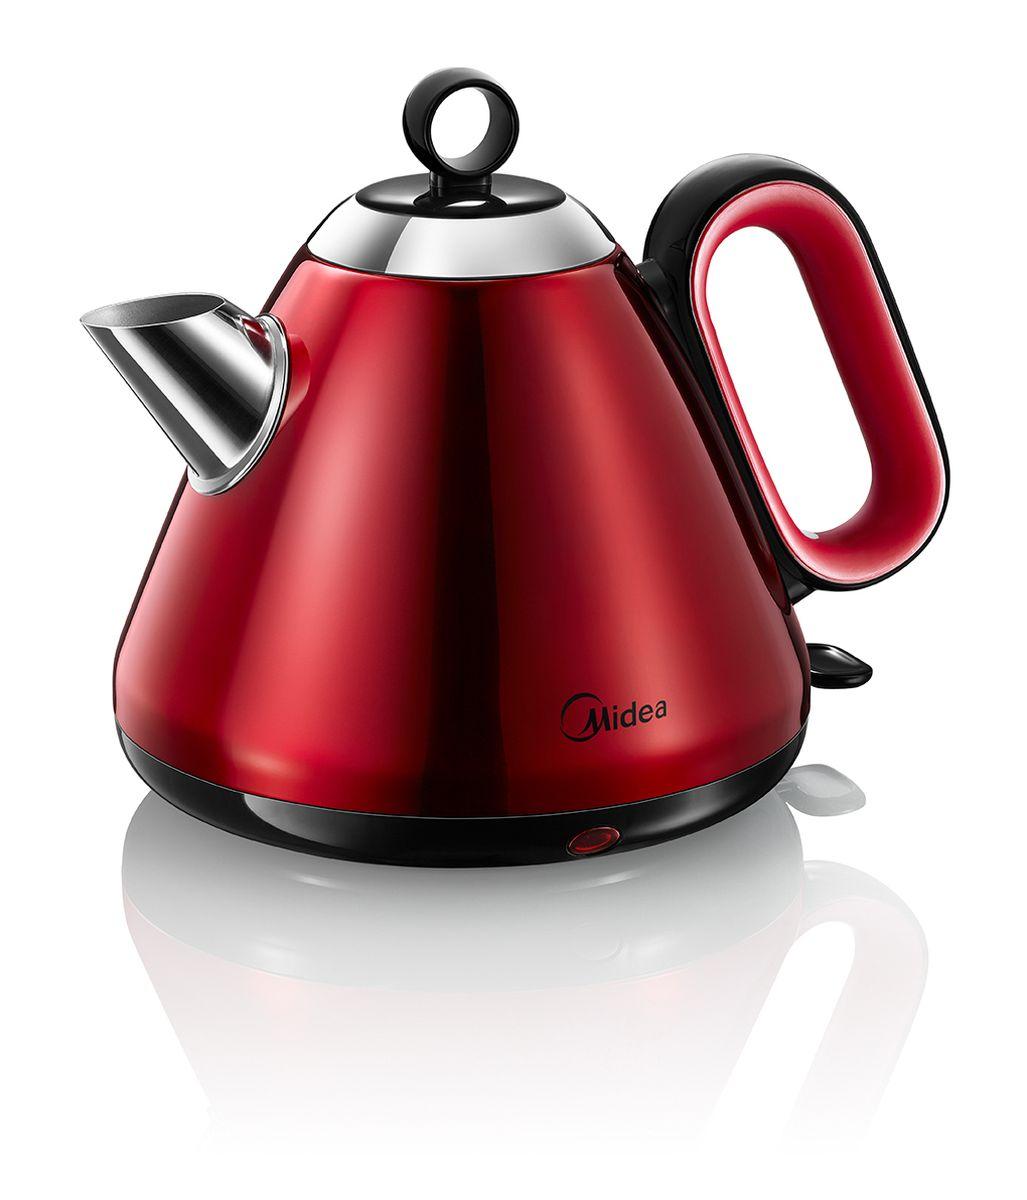 Midea MK-H317E2B-RD электрический чайникMidea MK-H317E2B-RDMidea MK-H317E2B-BL - это мощная (2200 Вт) модель большого объема (1,7 л). С помощью этого чайника вы сможете приготовить чай на большую компанию за считанные минуты. Вращающийся корпус из нержавеющей стали сделает использование чайника еще более удобным.